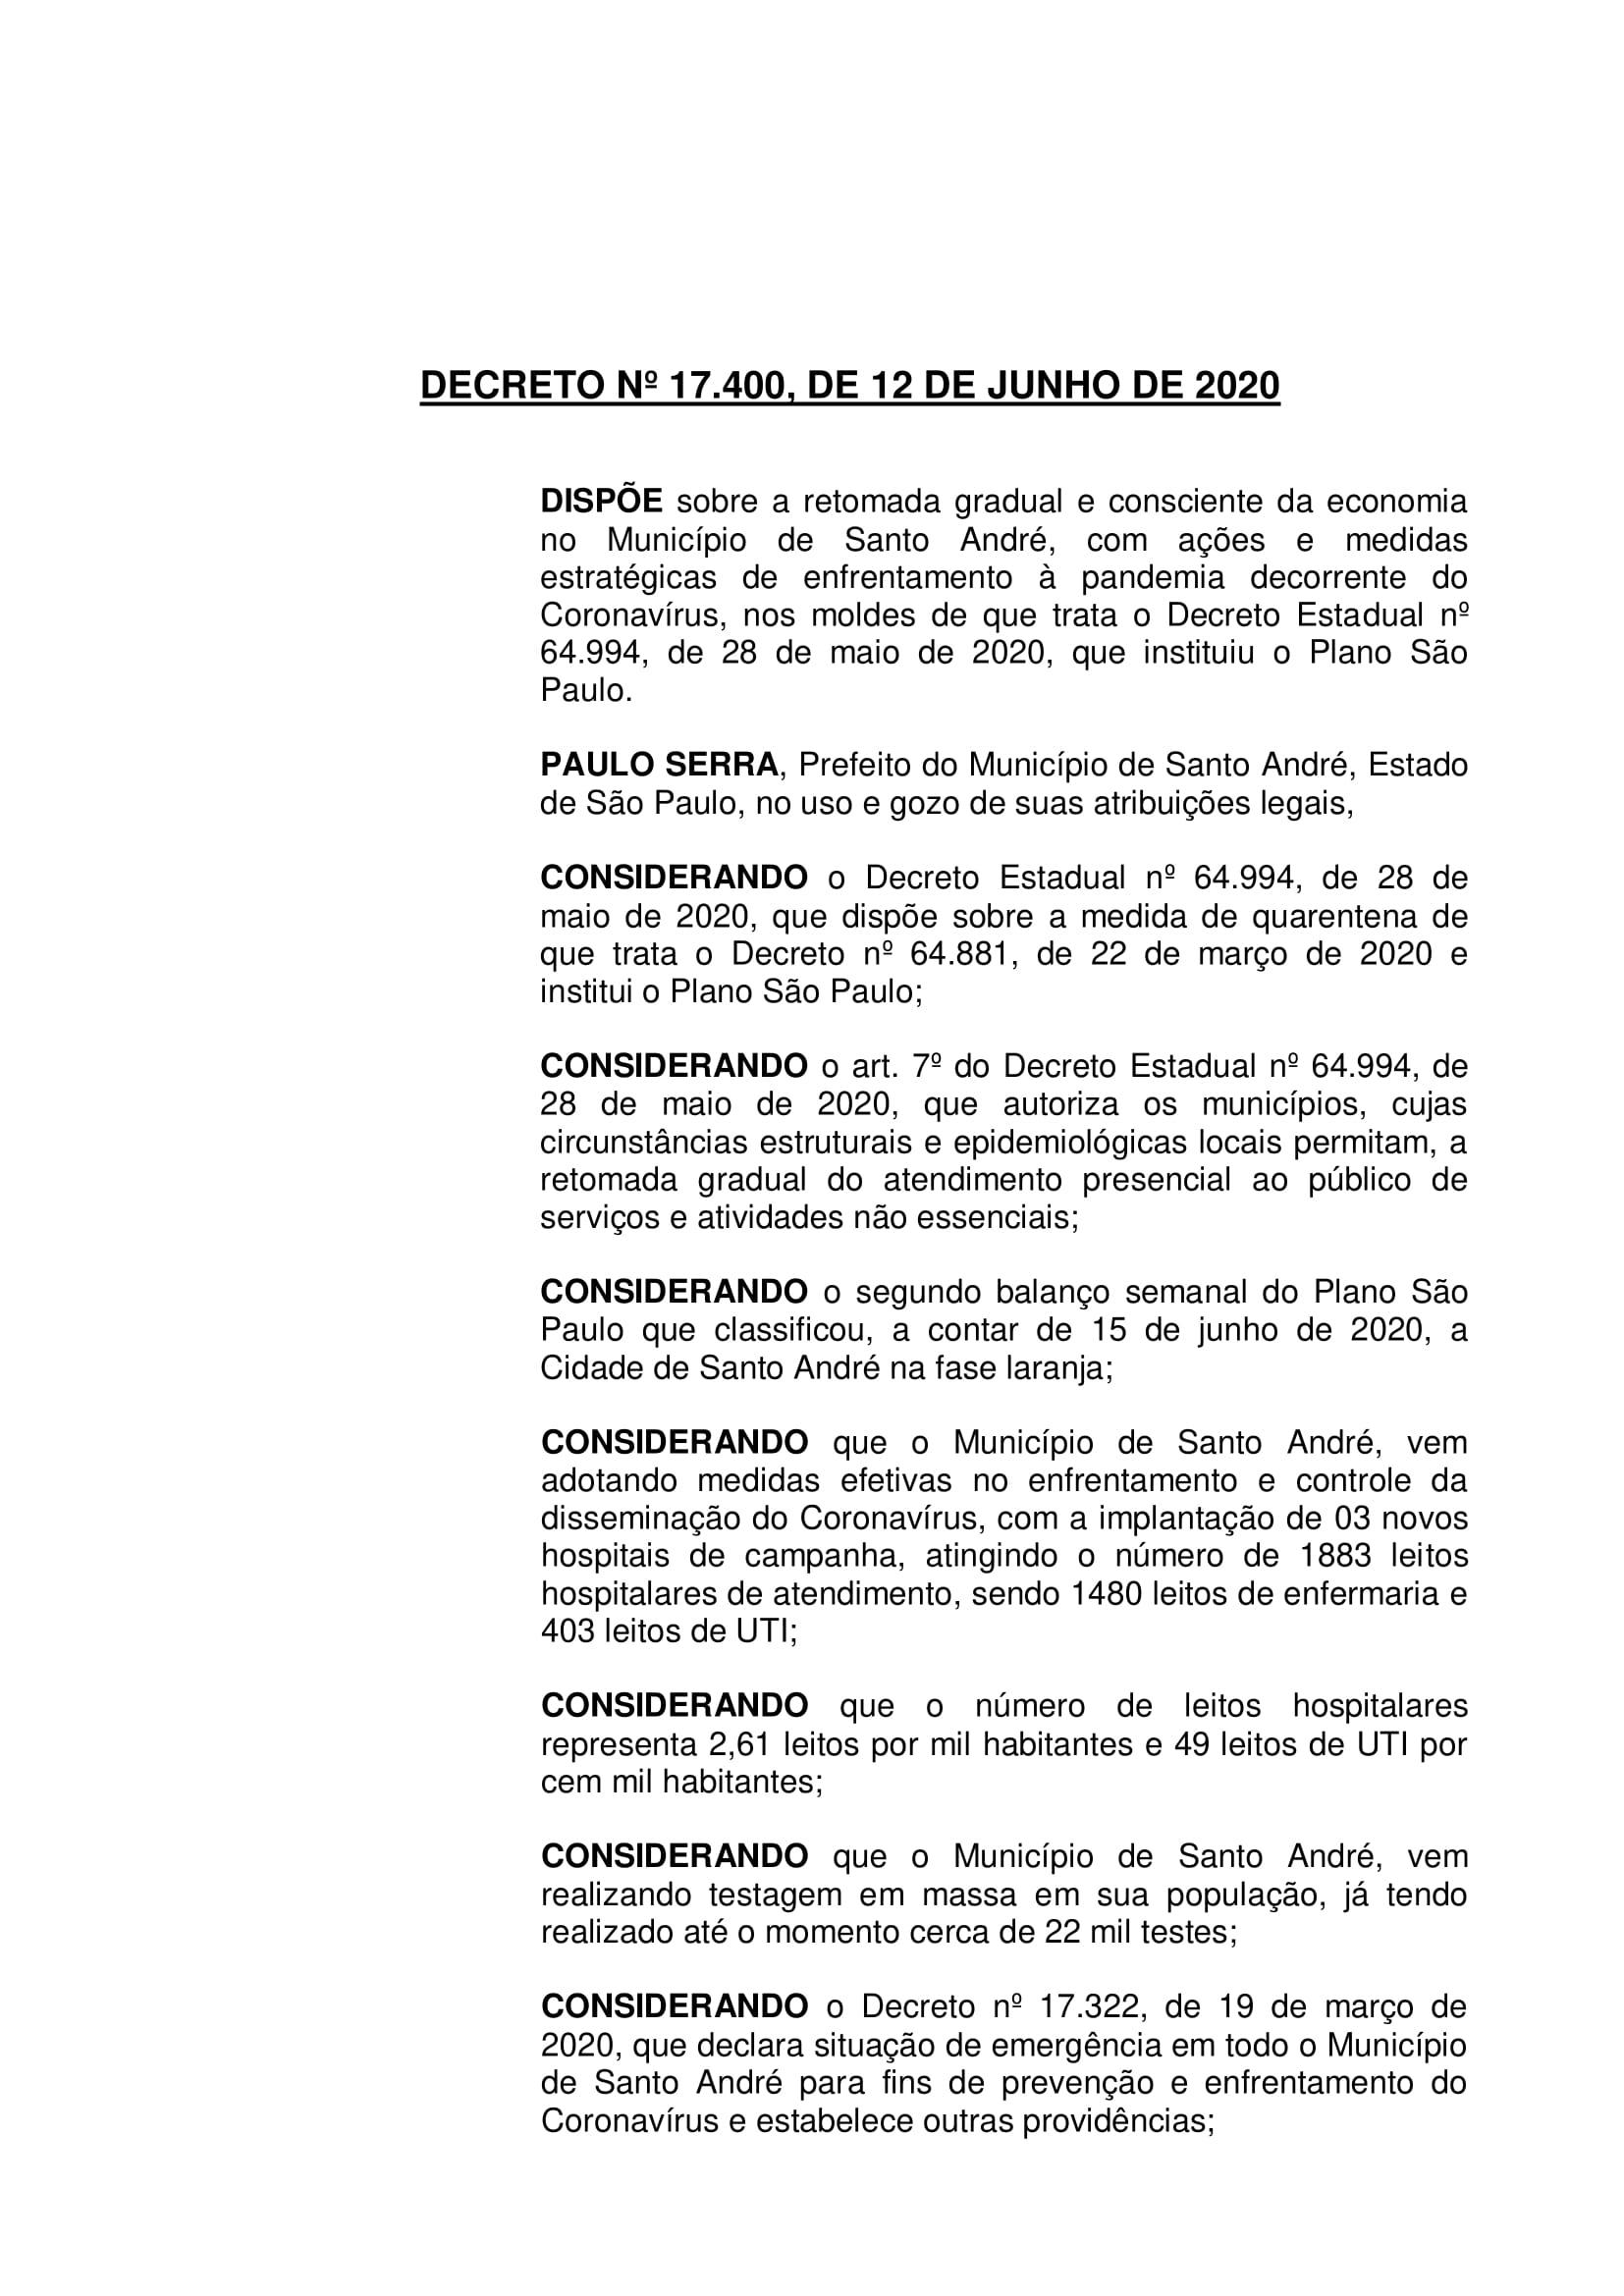 Decreto nº 17.400 (Retomada gradual e consciente da economia)-1